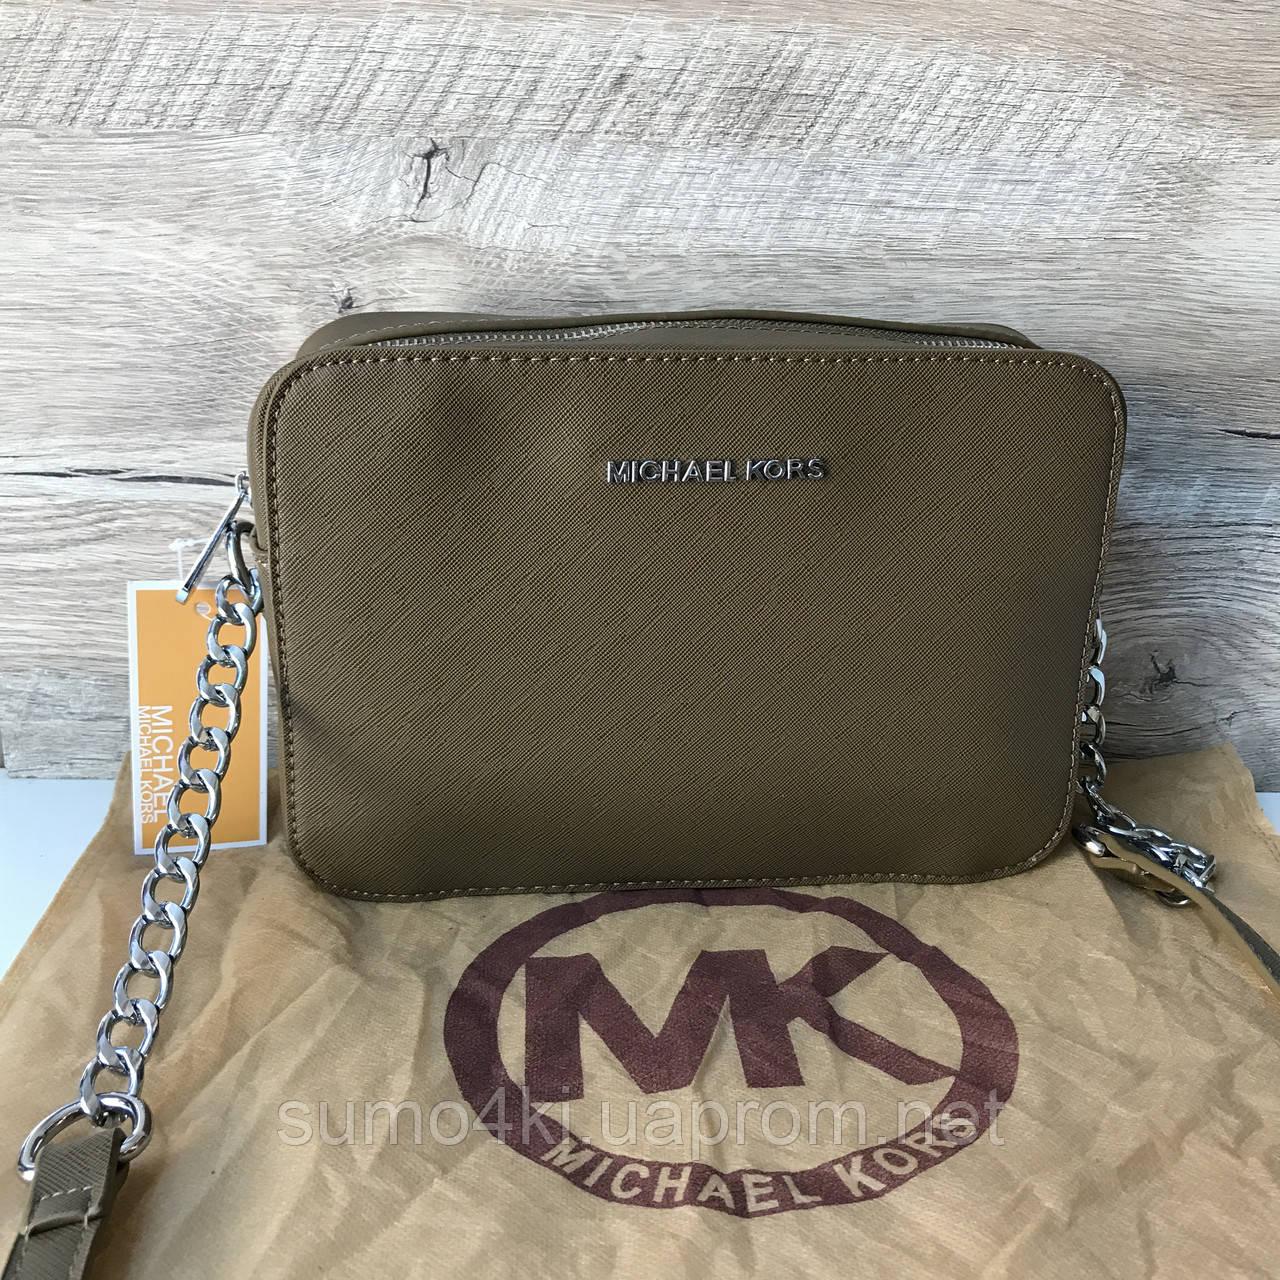 b6c23c5754d6 Женская замшевая сумка клатч Michael Kors - Интернет-магазин «Галерея  Сумок» в Одессе